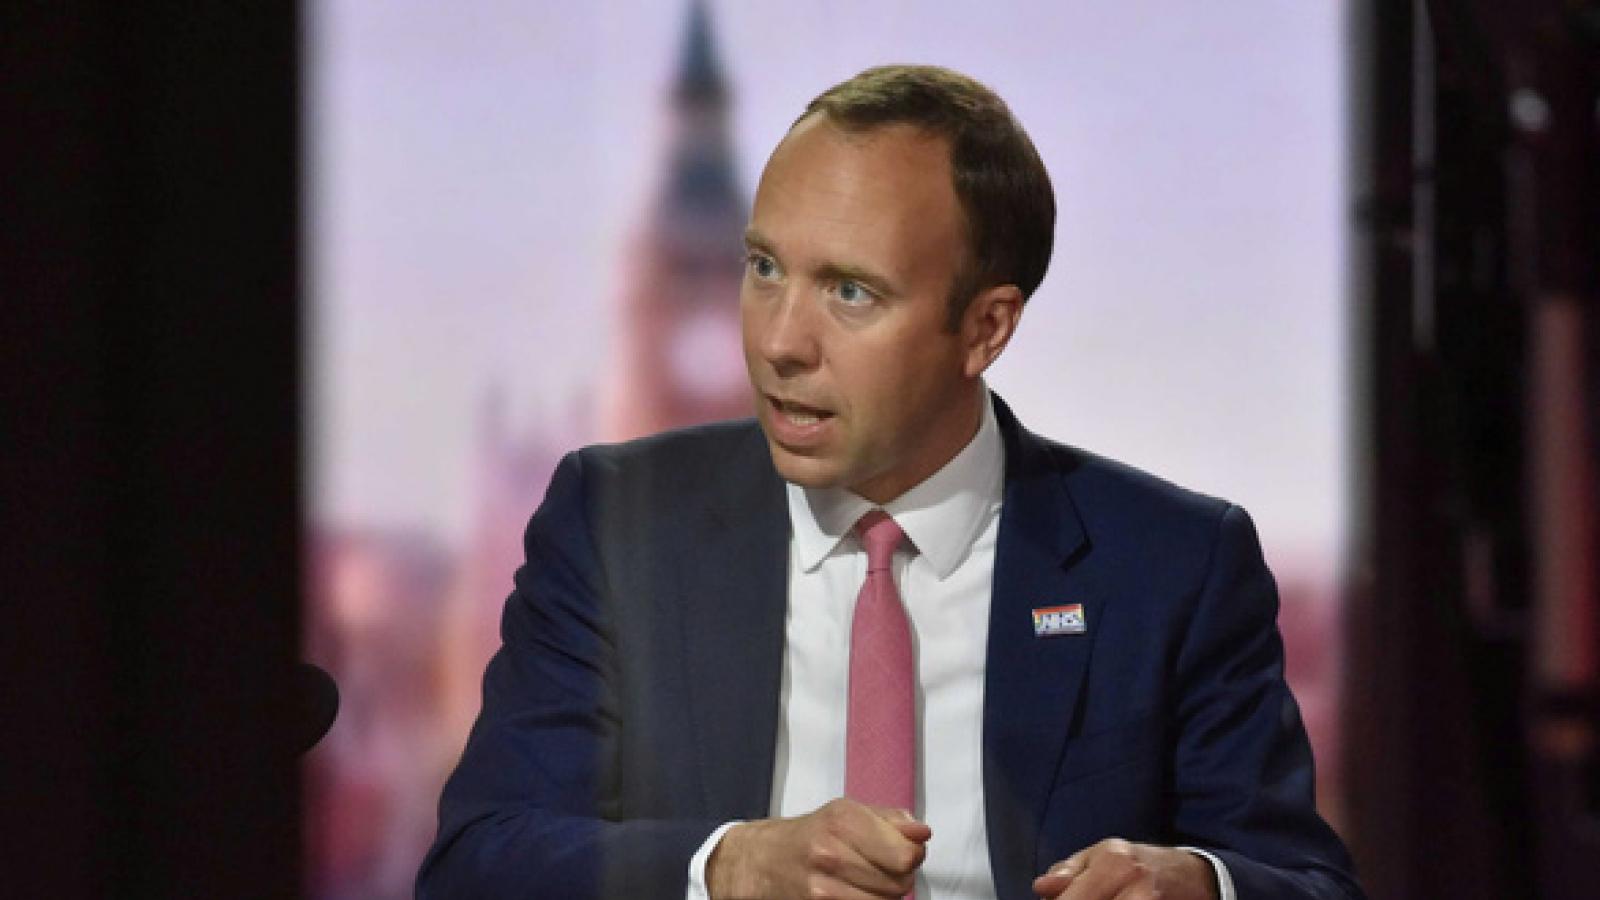 Chính phủ Anh bị chỉ trích sau khi Bộ trưởng Y tế từ chức vì bê bối